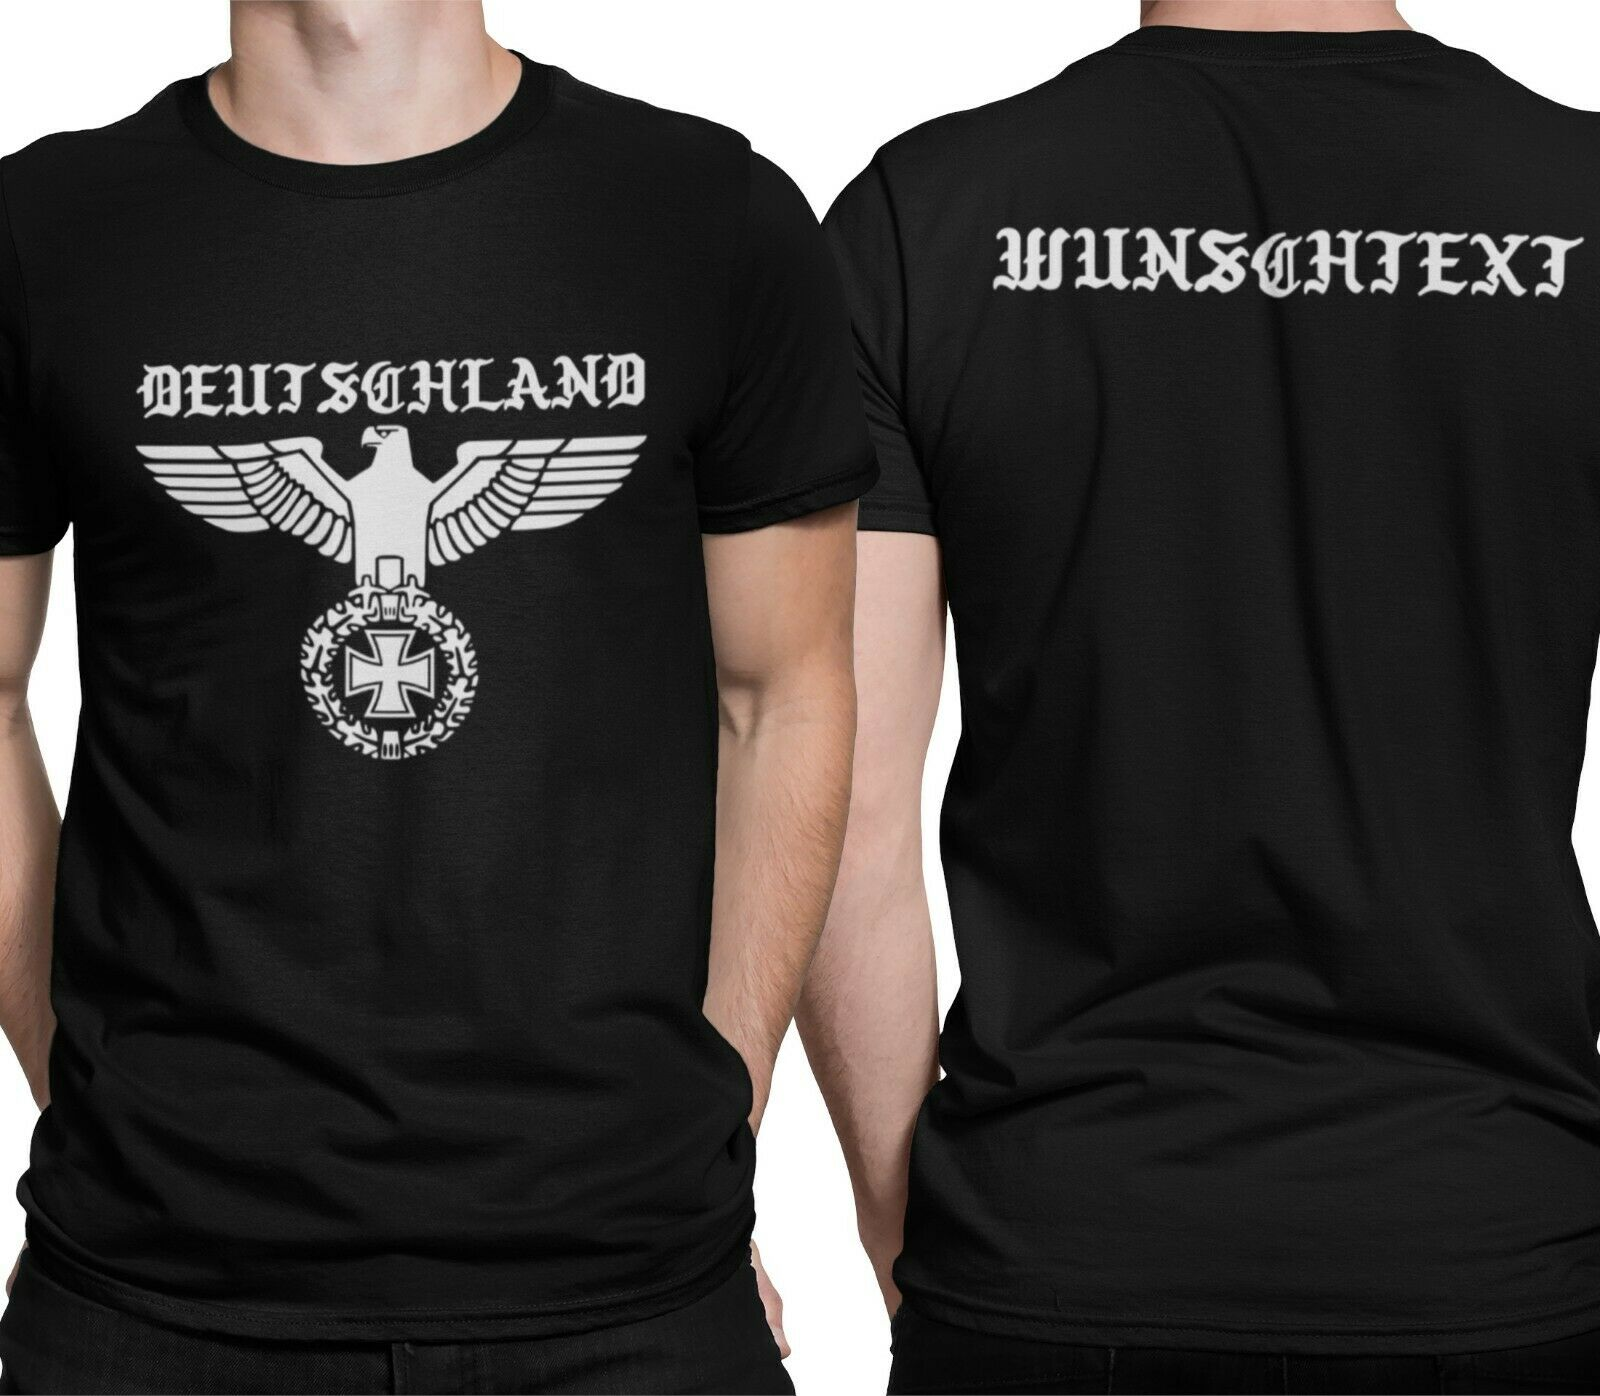 Немецкая Мужская футболка с надписью Wish Text Empire Eagles немецкая армия вермахт Короткая Повседневная Хлопковая мужская одежда